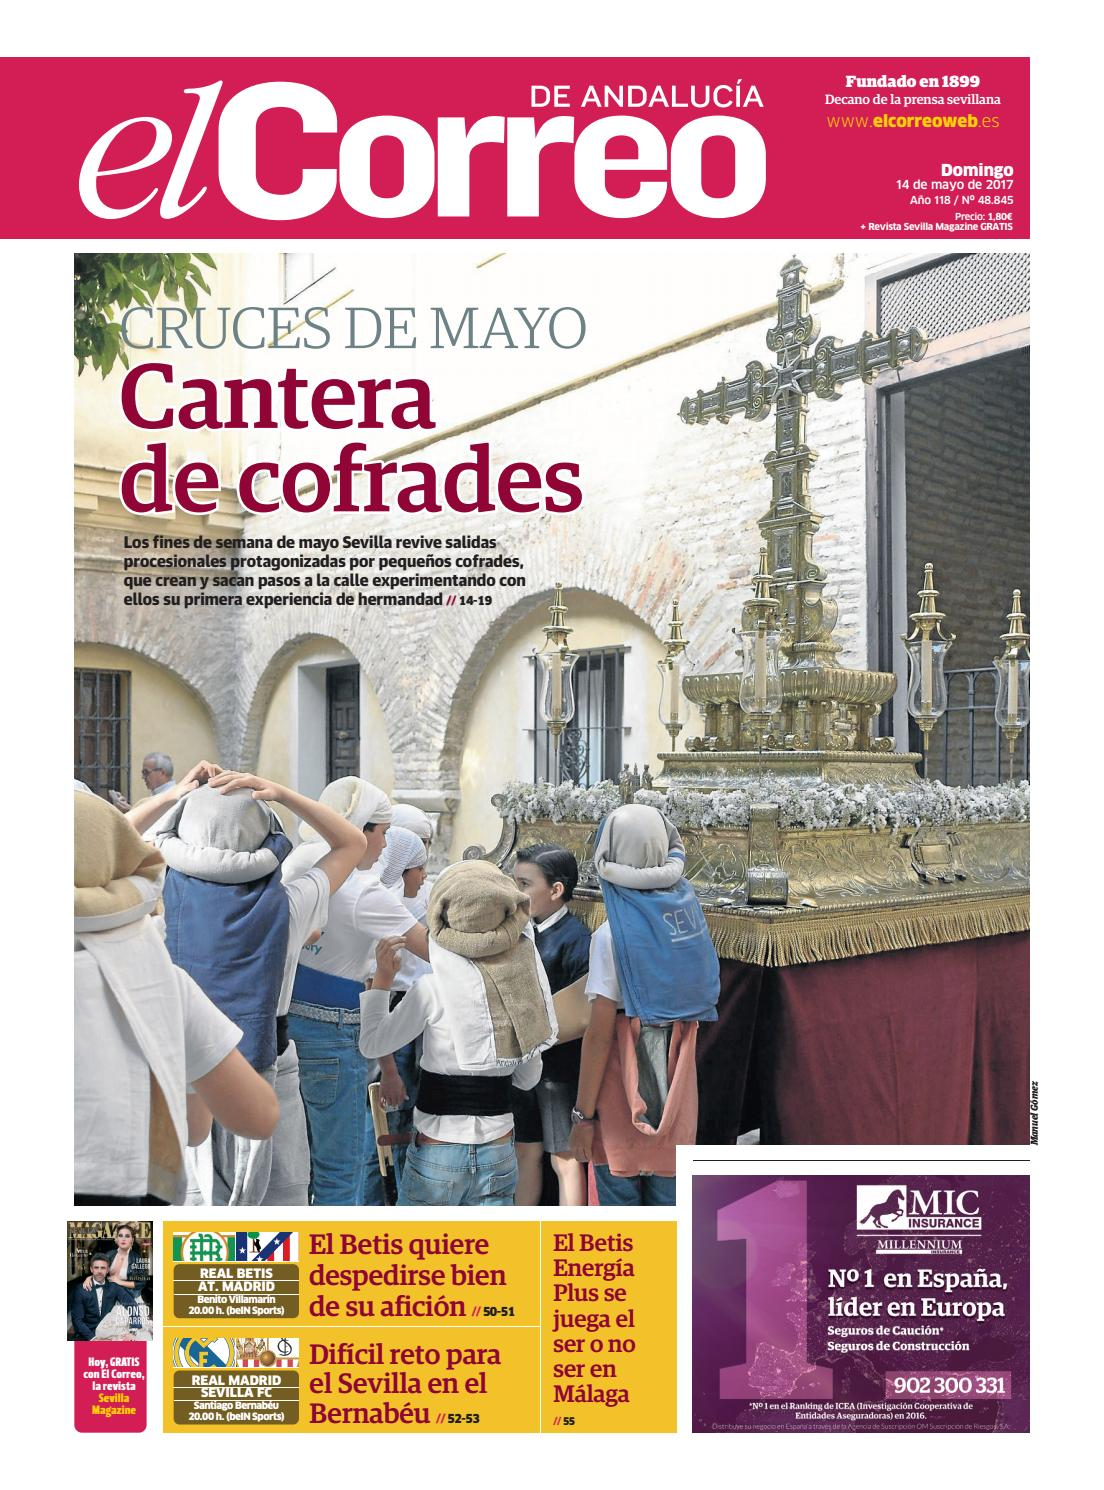 14 05 2017 El Correo De Andaluc A By El Correo De Andaluc A S L  # Muebles Sastre Viso Alcor